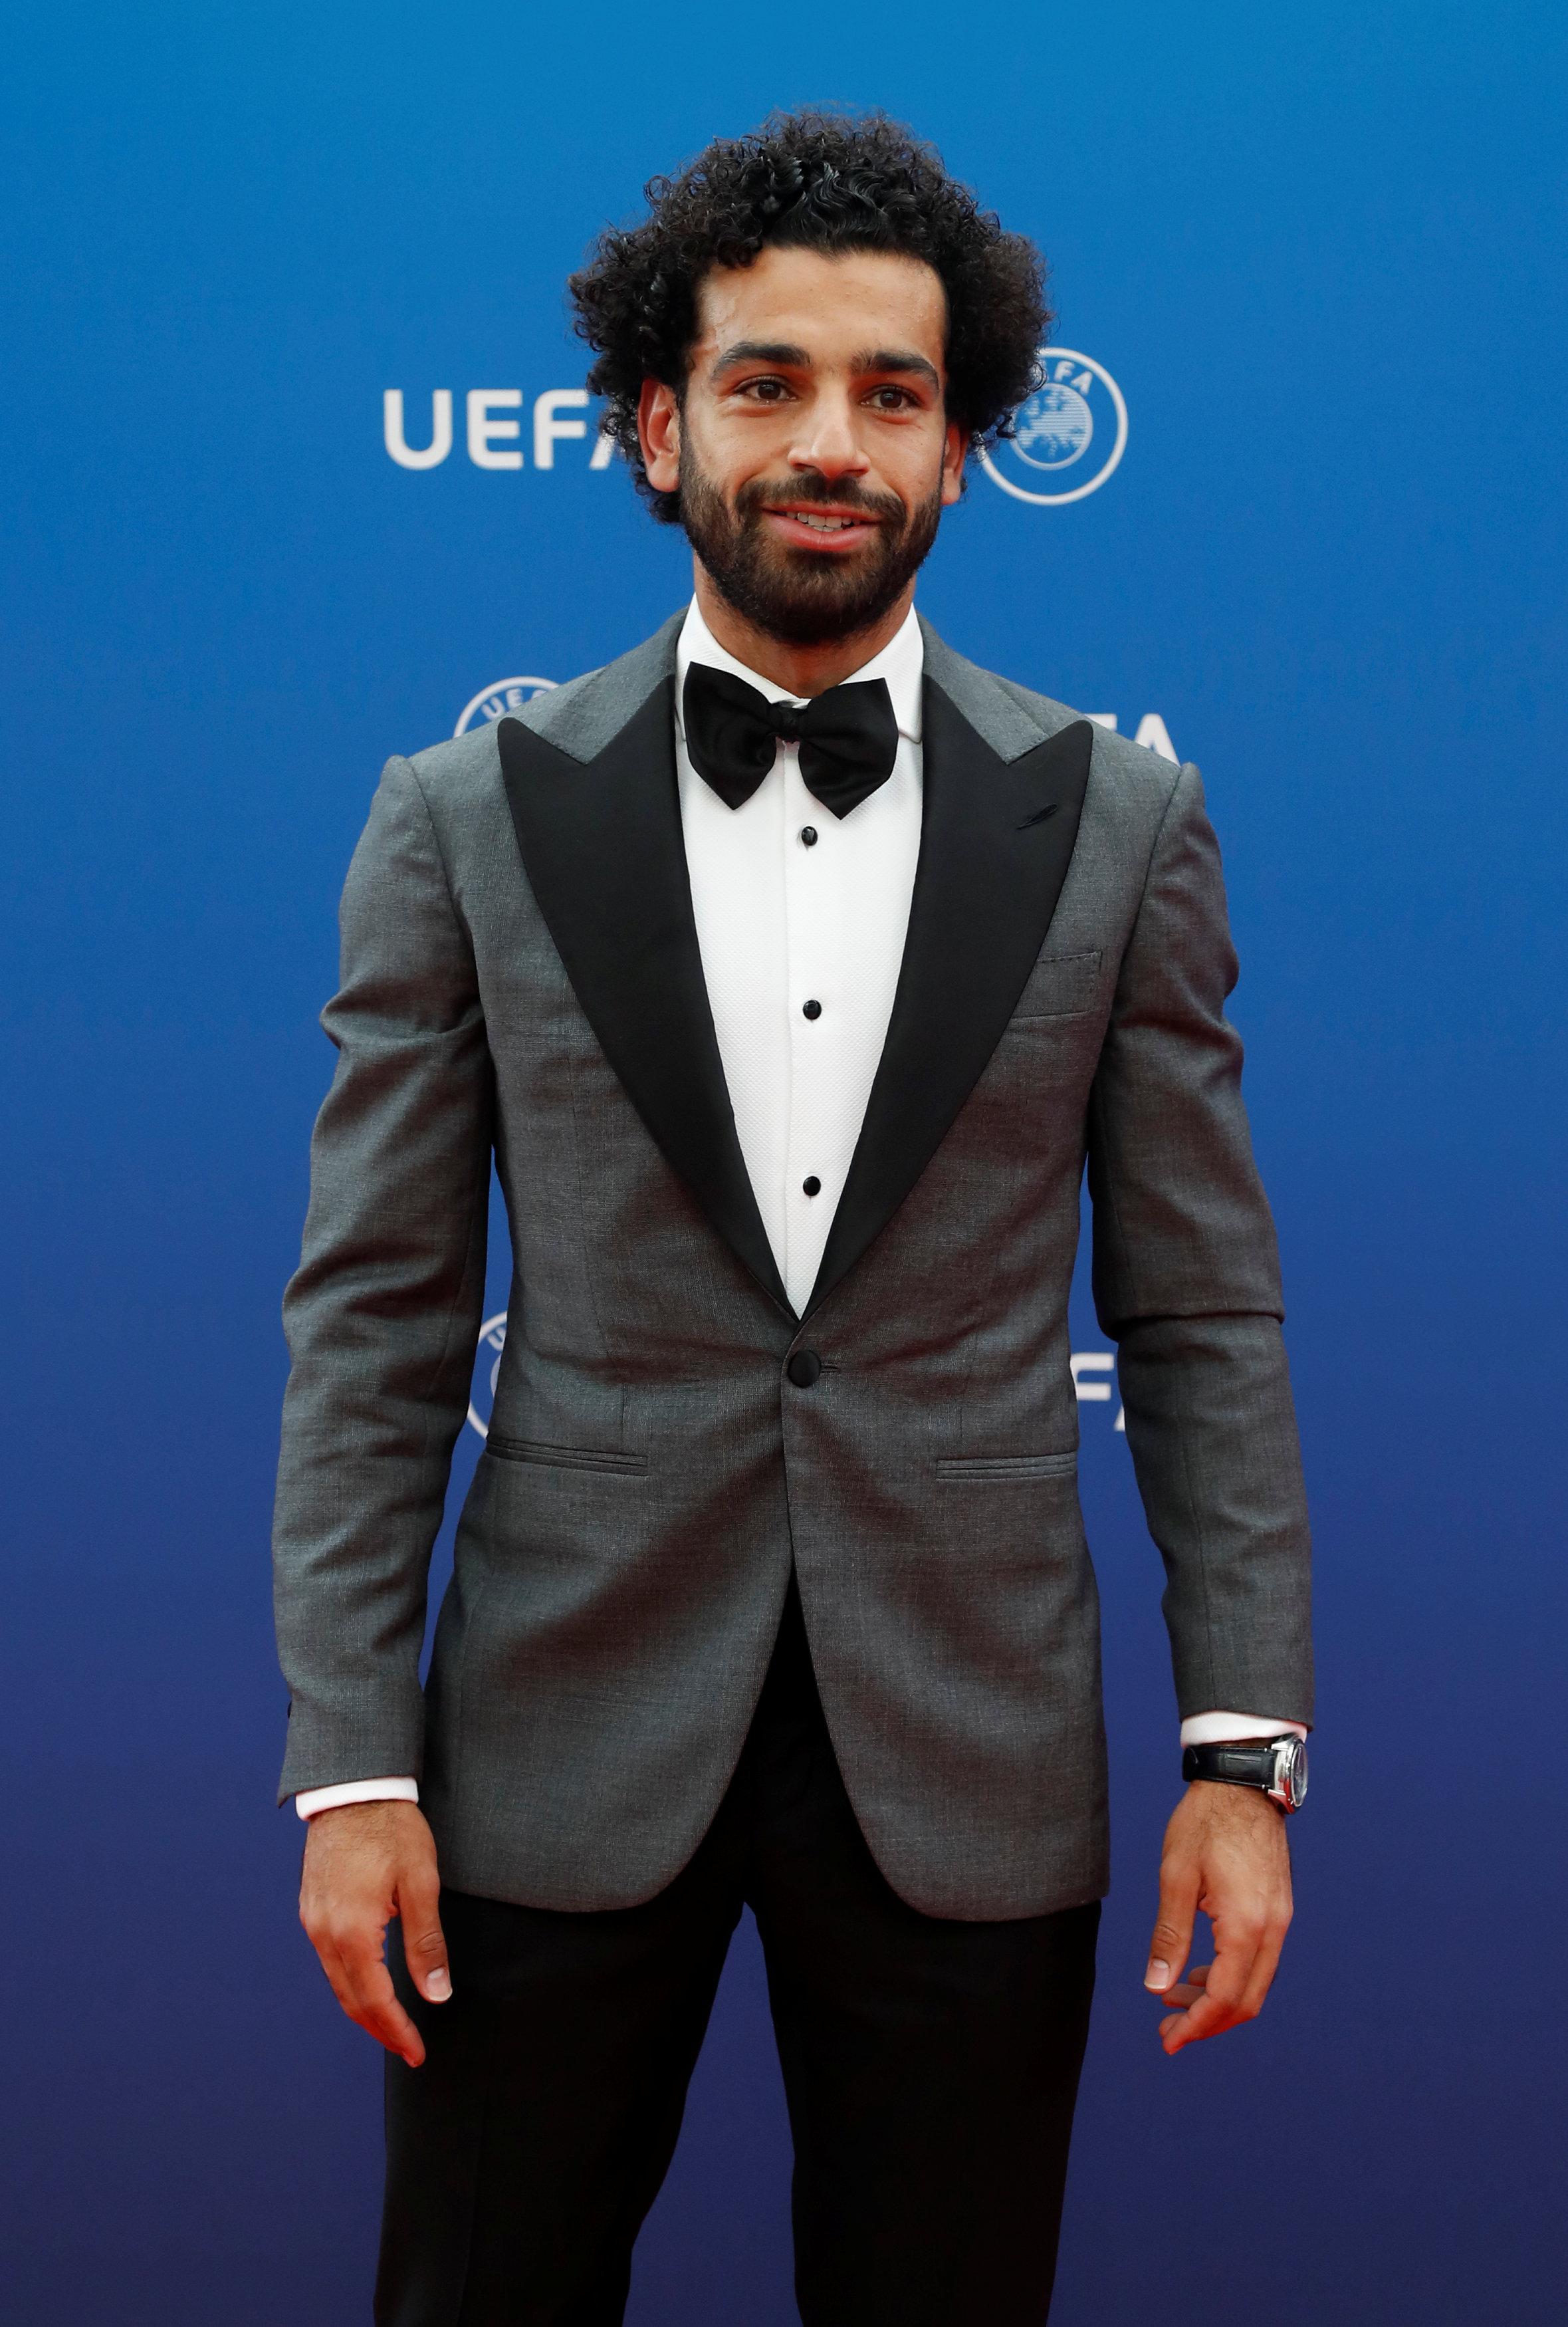 أول ظهور رسمى لمحمد صلاح فى حفل افضل لاعب فى اوروبا 2018